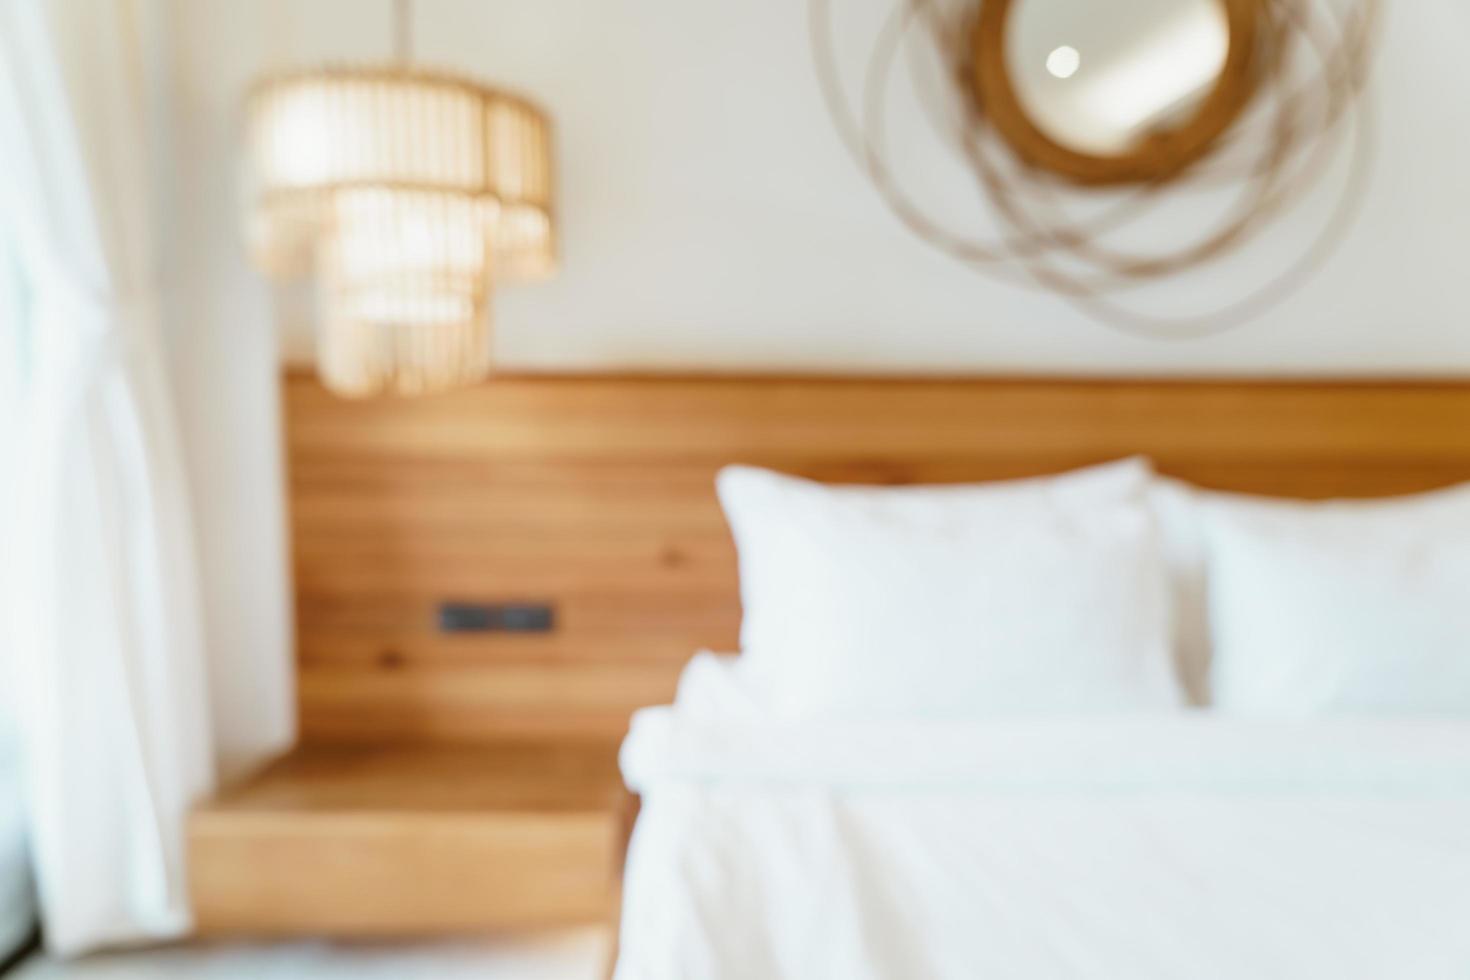 abstract vervagen en onscherp slaapkamerinterieur voor achtergrond foto